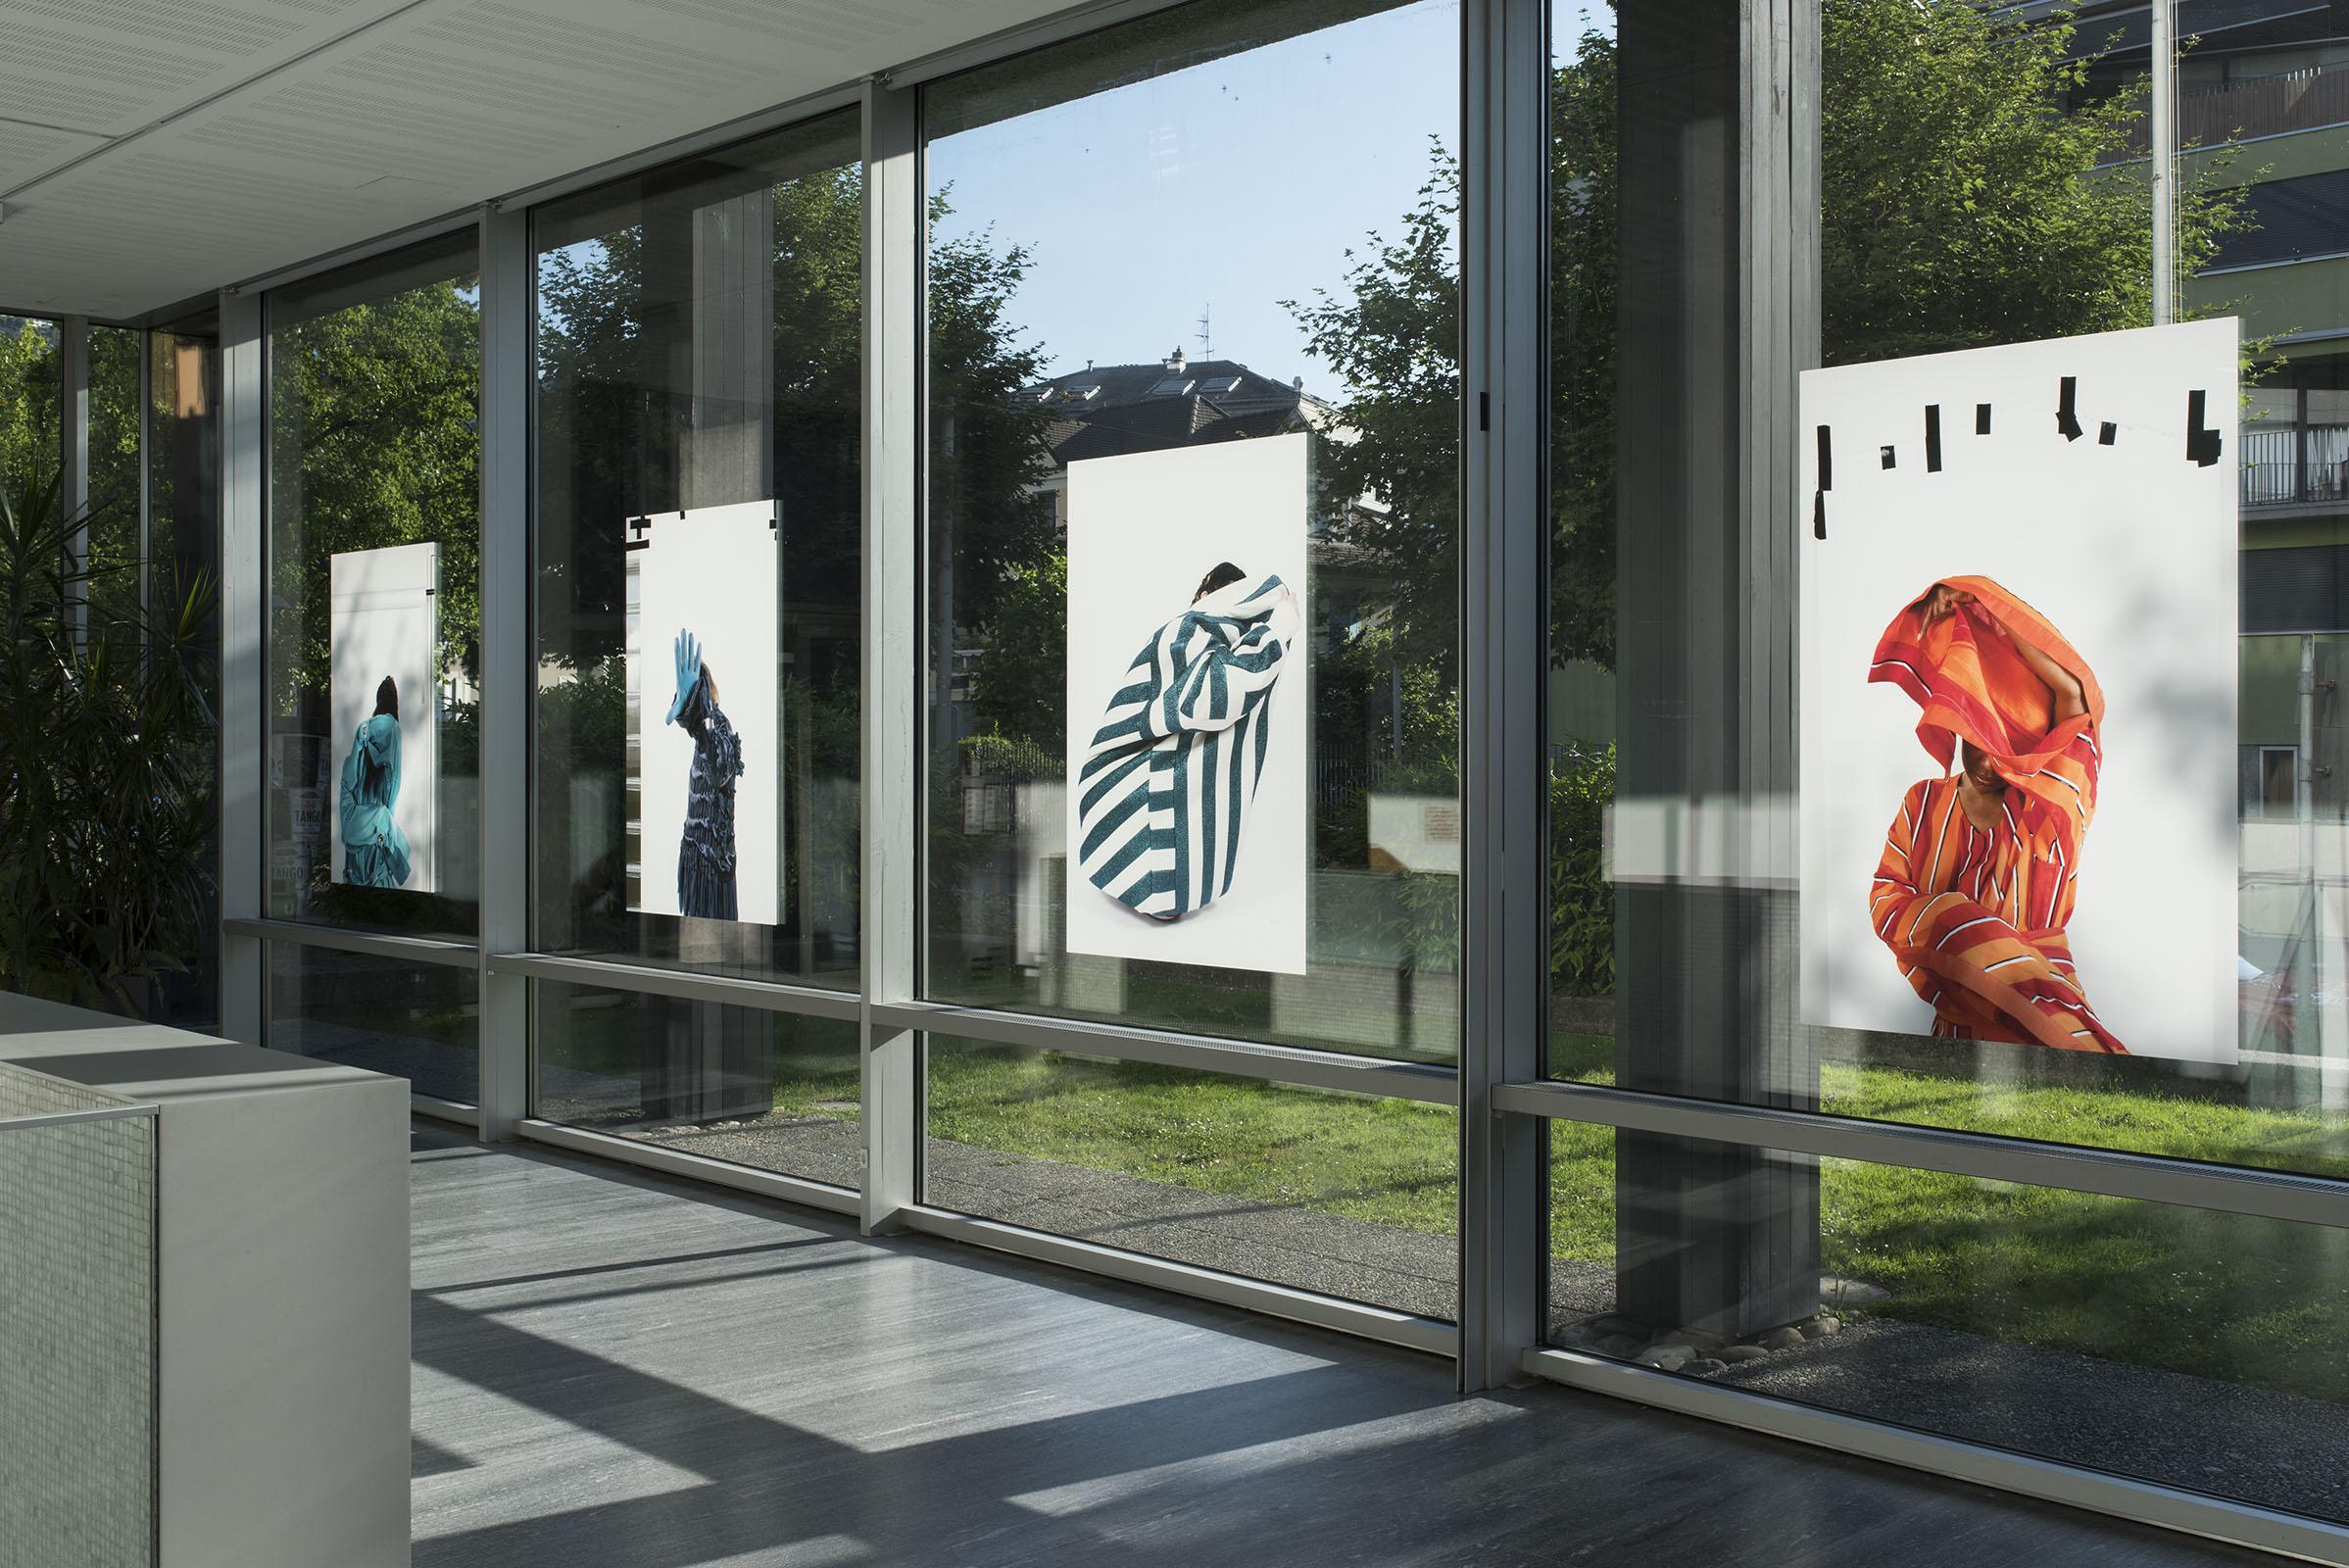 """Image of the diploma collective exhibition """"A HANDFUL OF STRANGE"""", Matei Focseneanu work """"Ici c'est l'aquarium, dehors c'est l'océan"""", Centre Doret, CEPV, Vevey, 09.07.2018"""